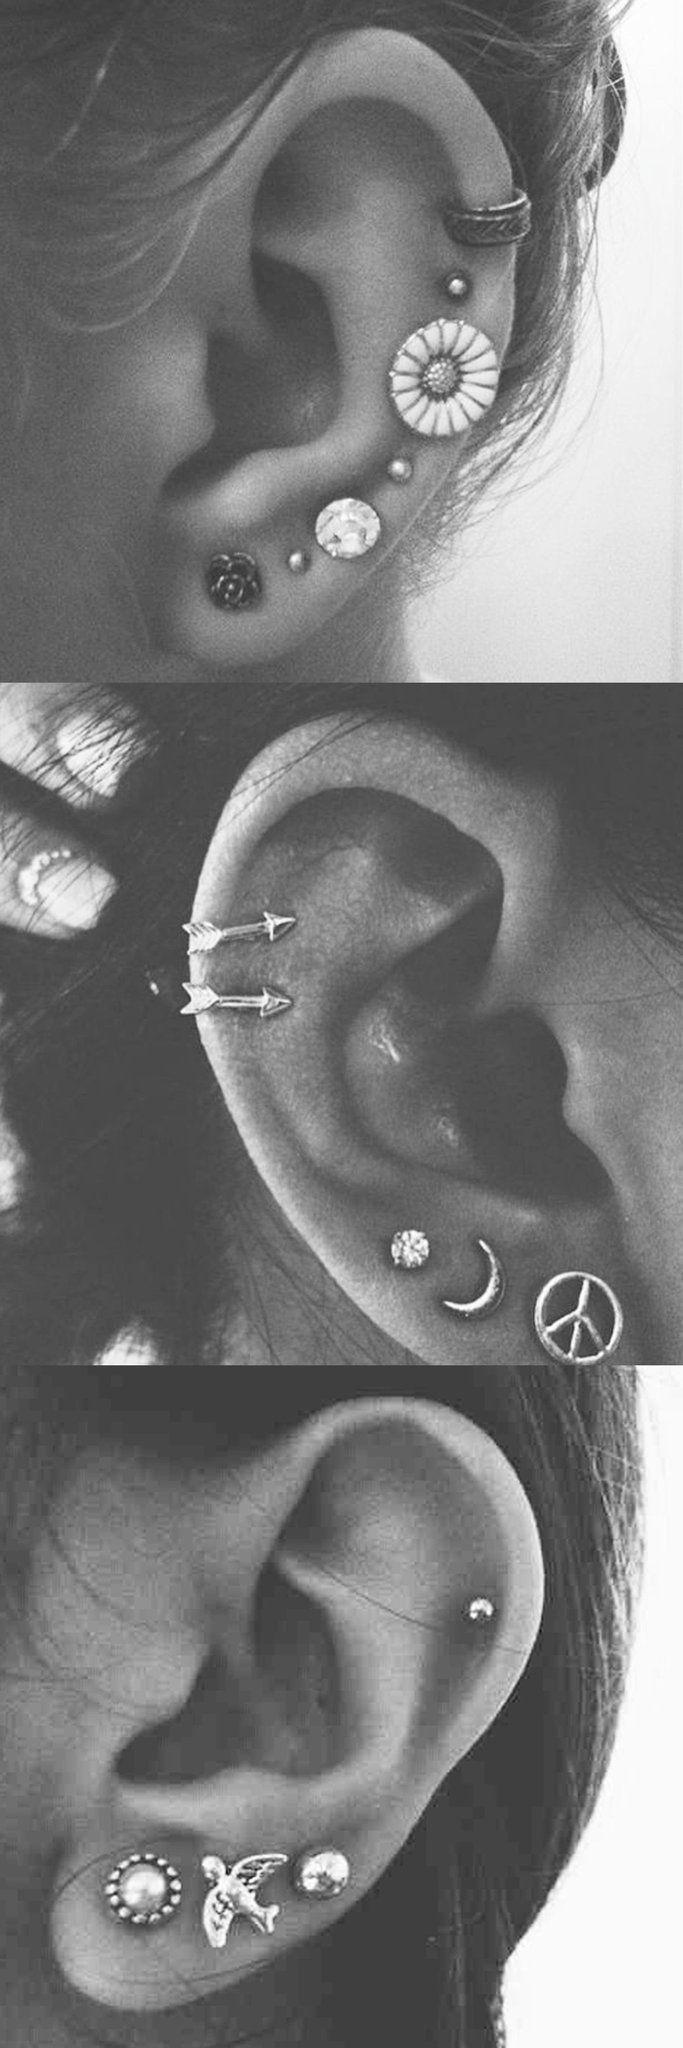 Nose piercing growing over   best piercingsutattoos images on Pinterest  Facial piercings